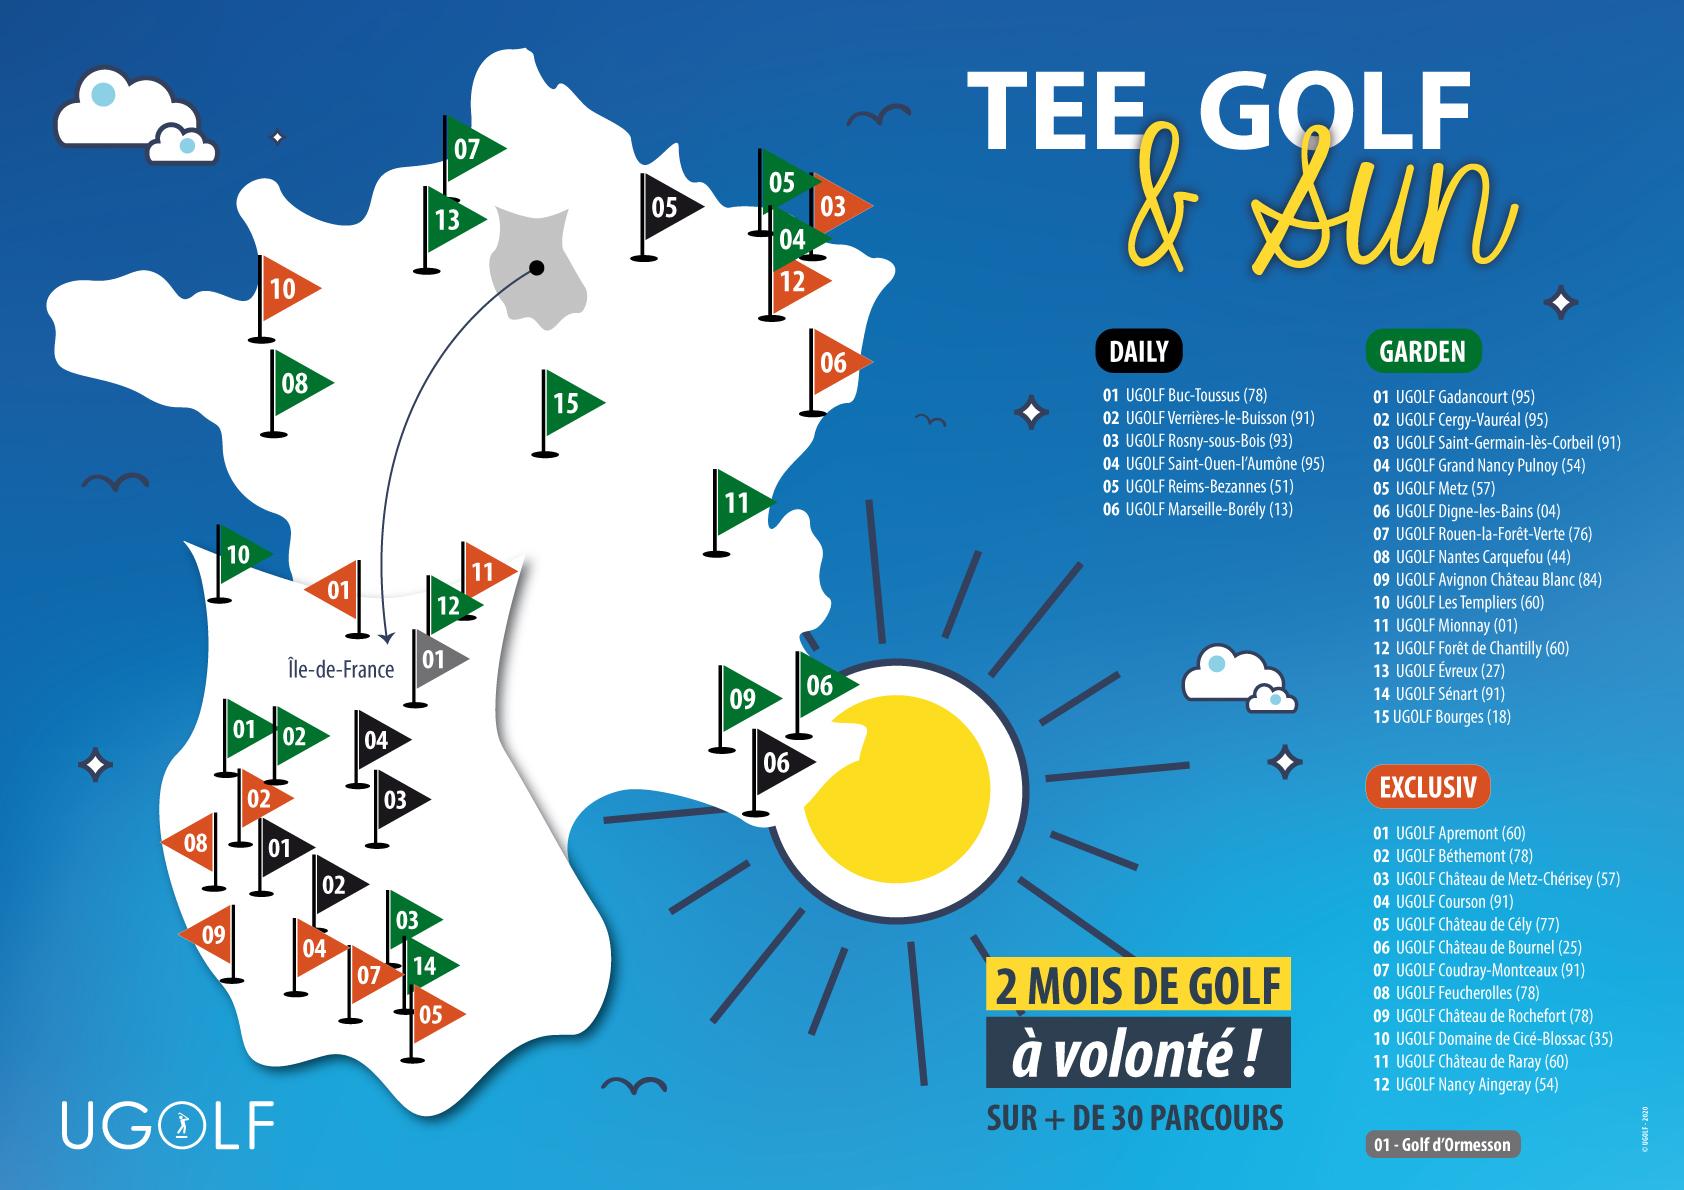 Offre golf été : Tee, Golf and Sun 5